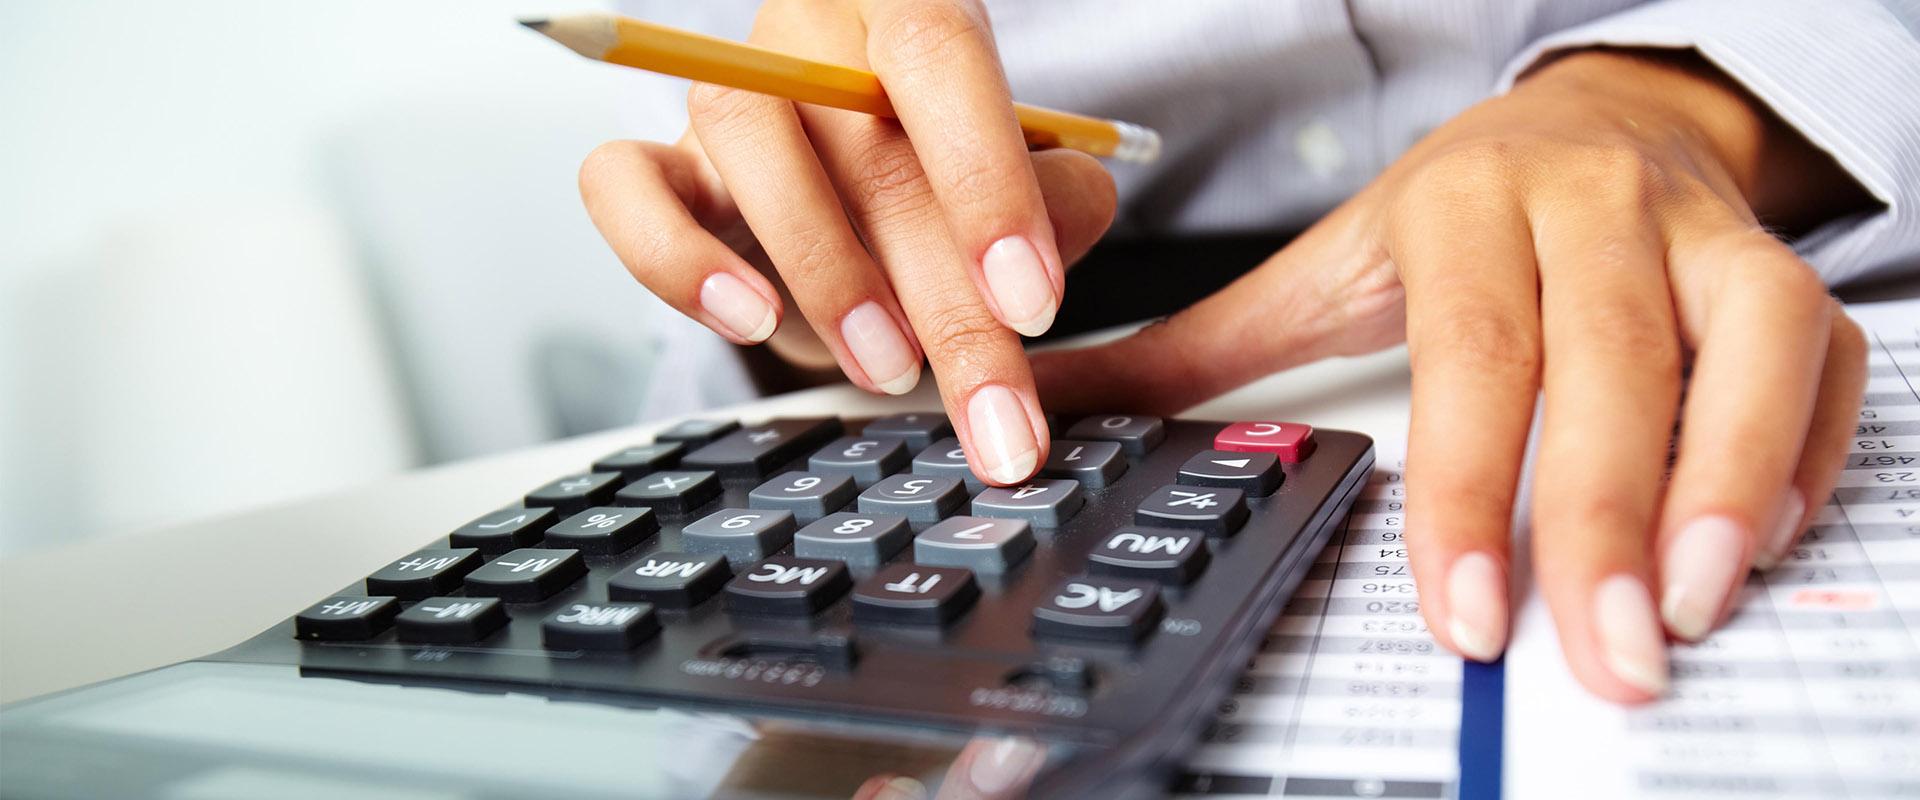 Ведення бухгалтерського обліку для юридичних осіб